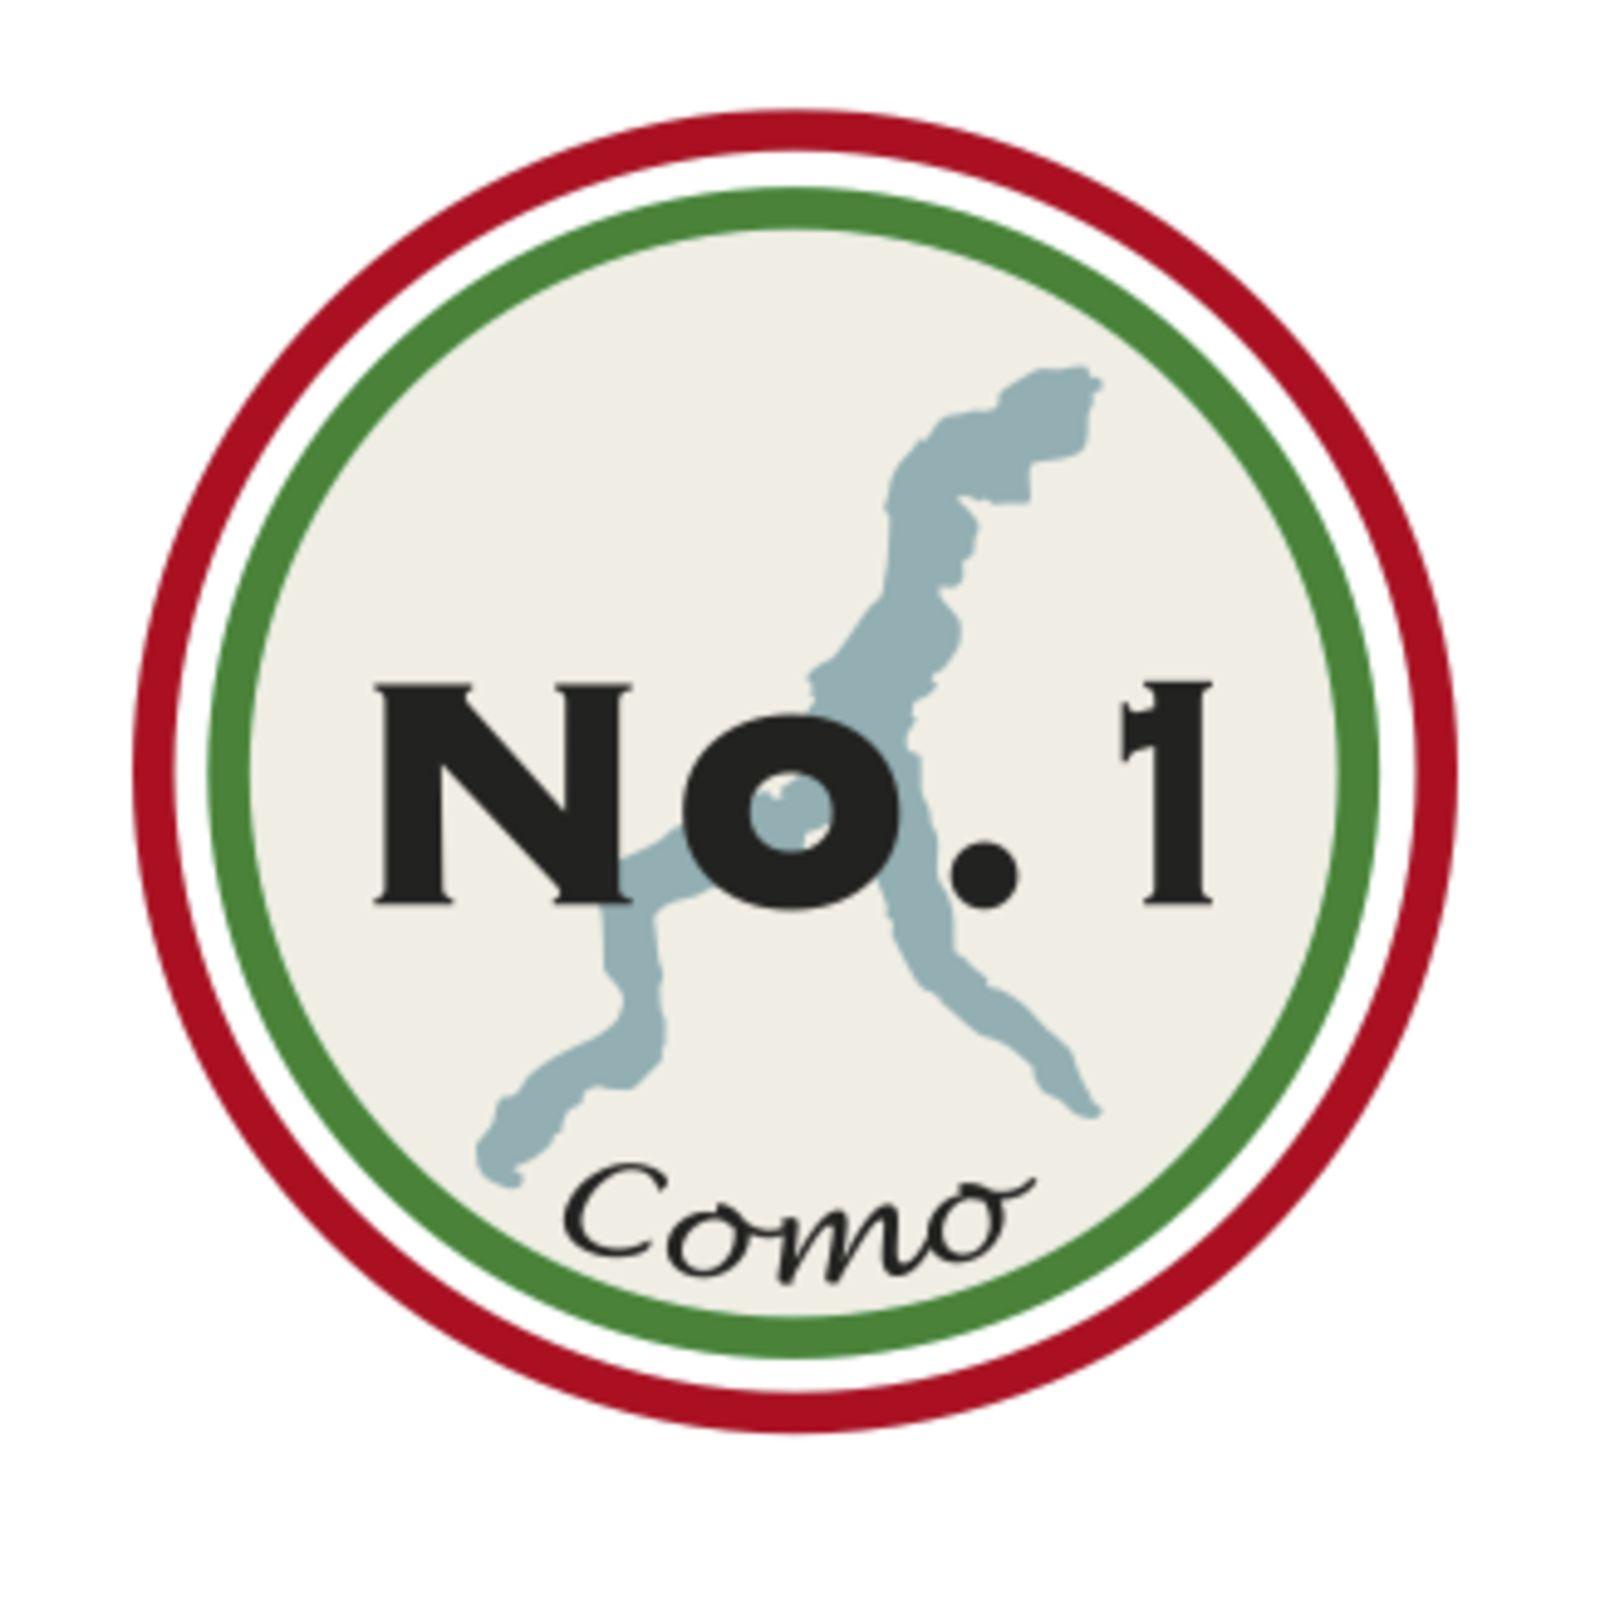 No 1 Como